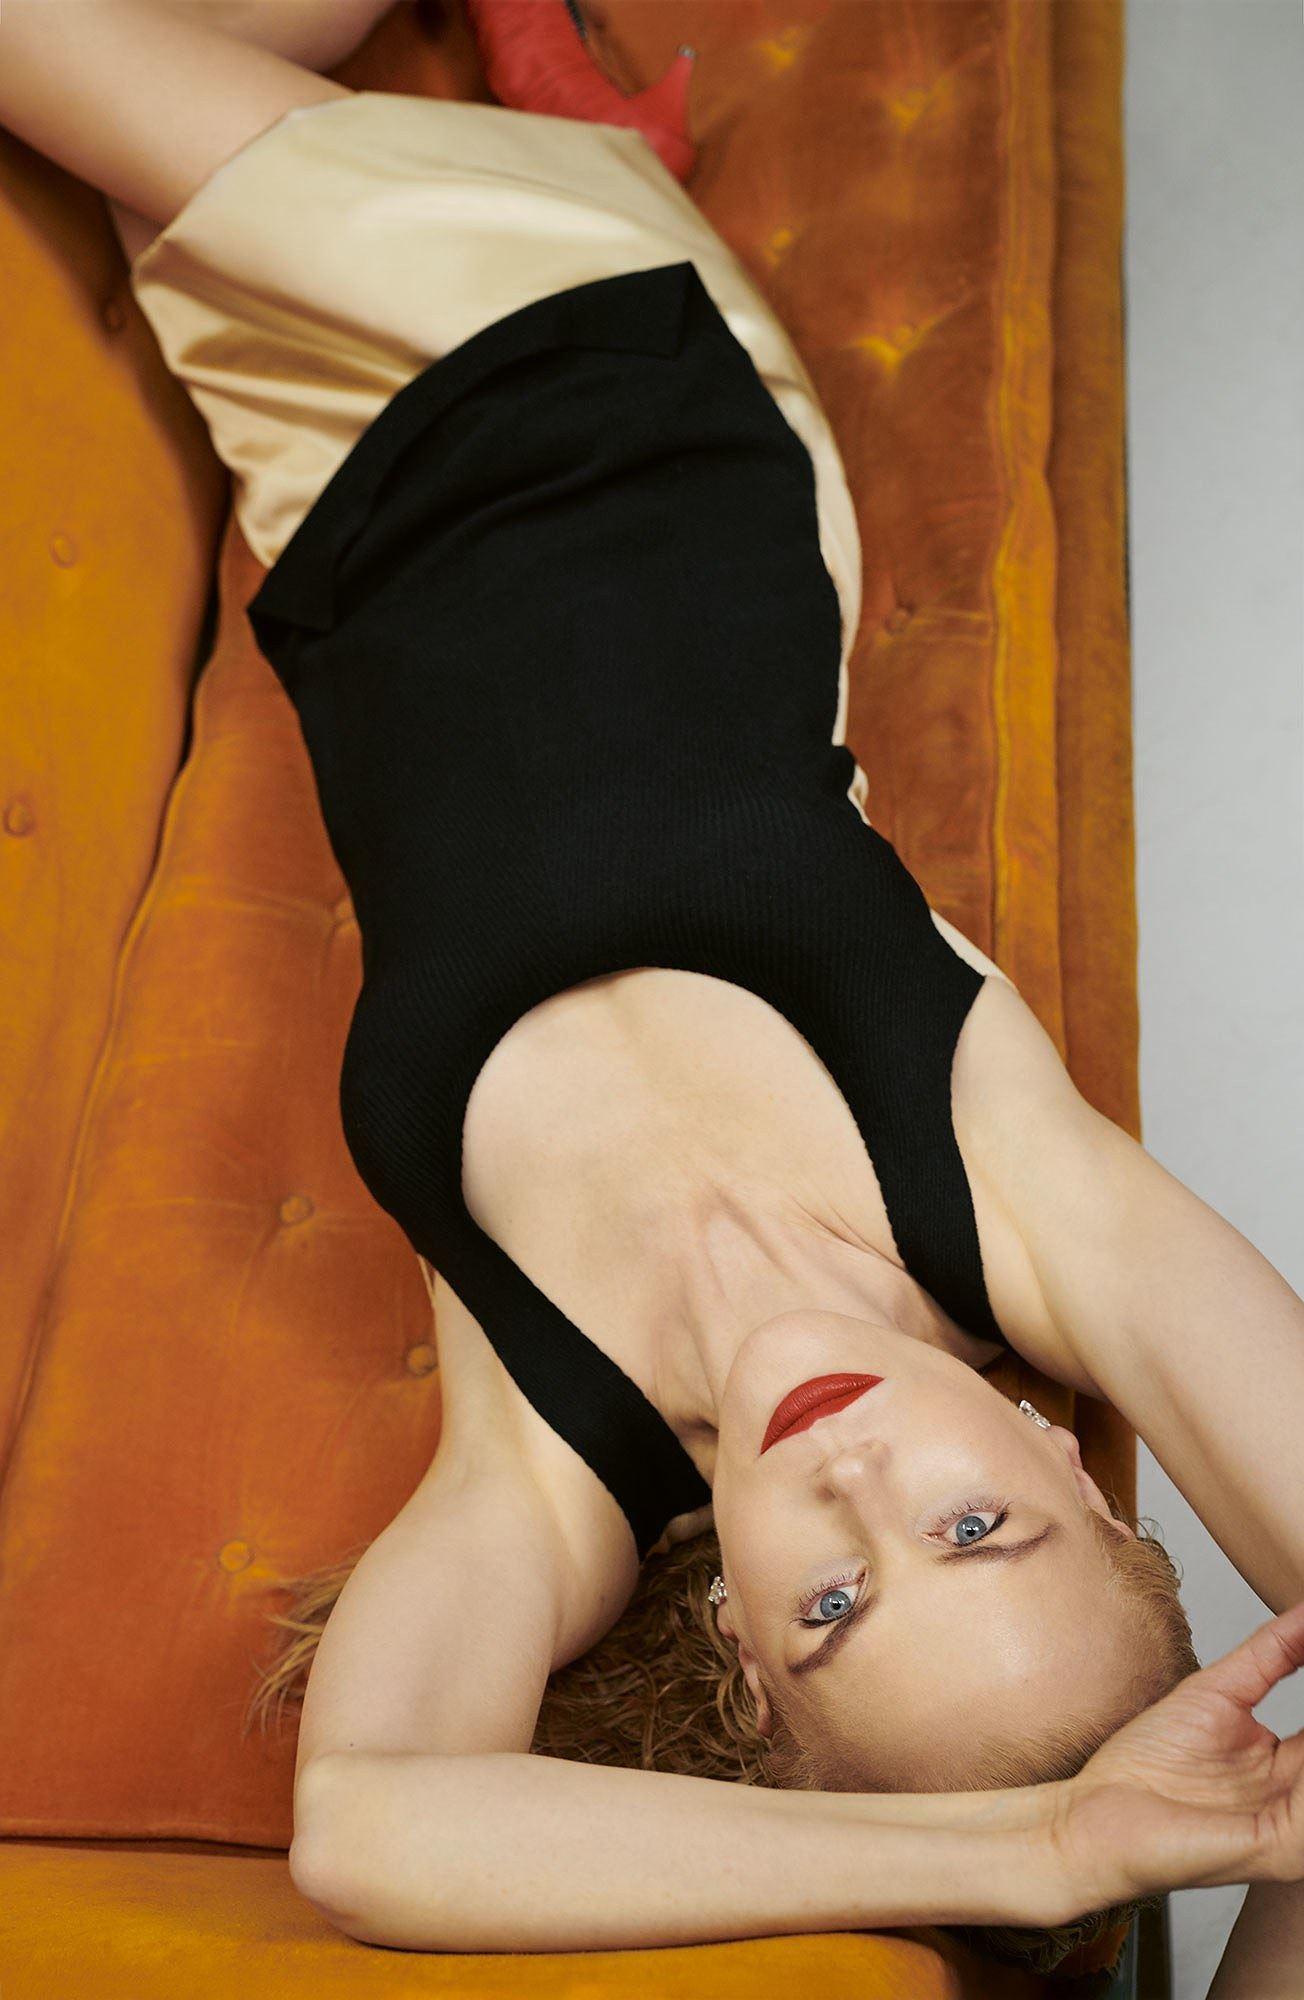 Ngỡ ngàng ngắm Nicole Kidman tóc tém, không nội y quá nóng bỏng Ảnh 7